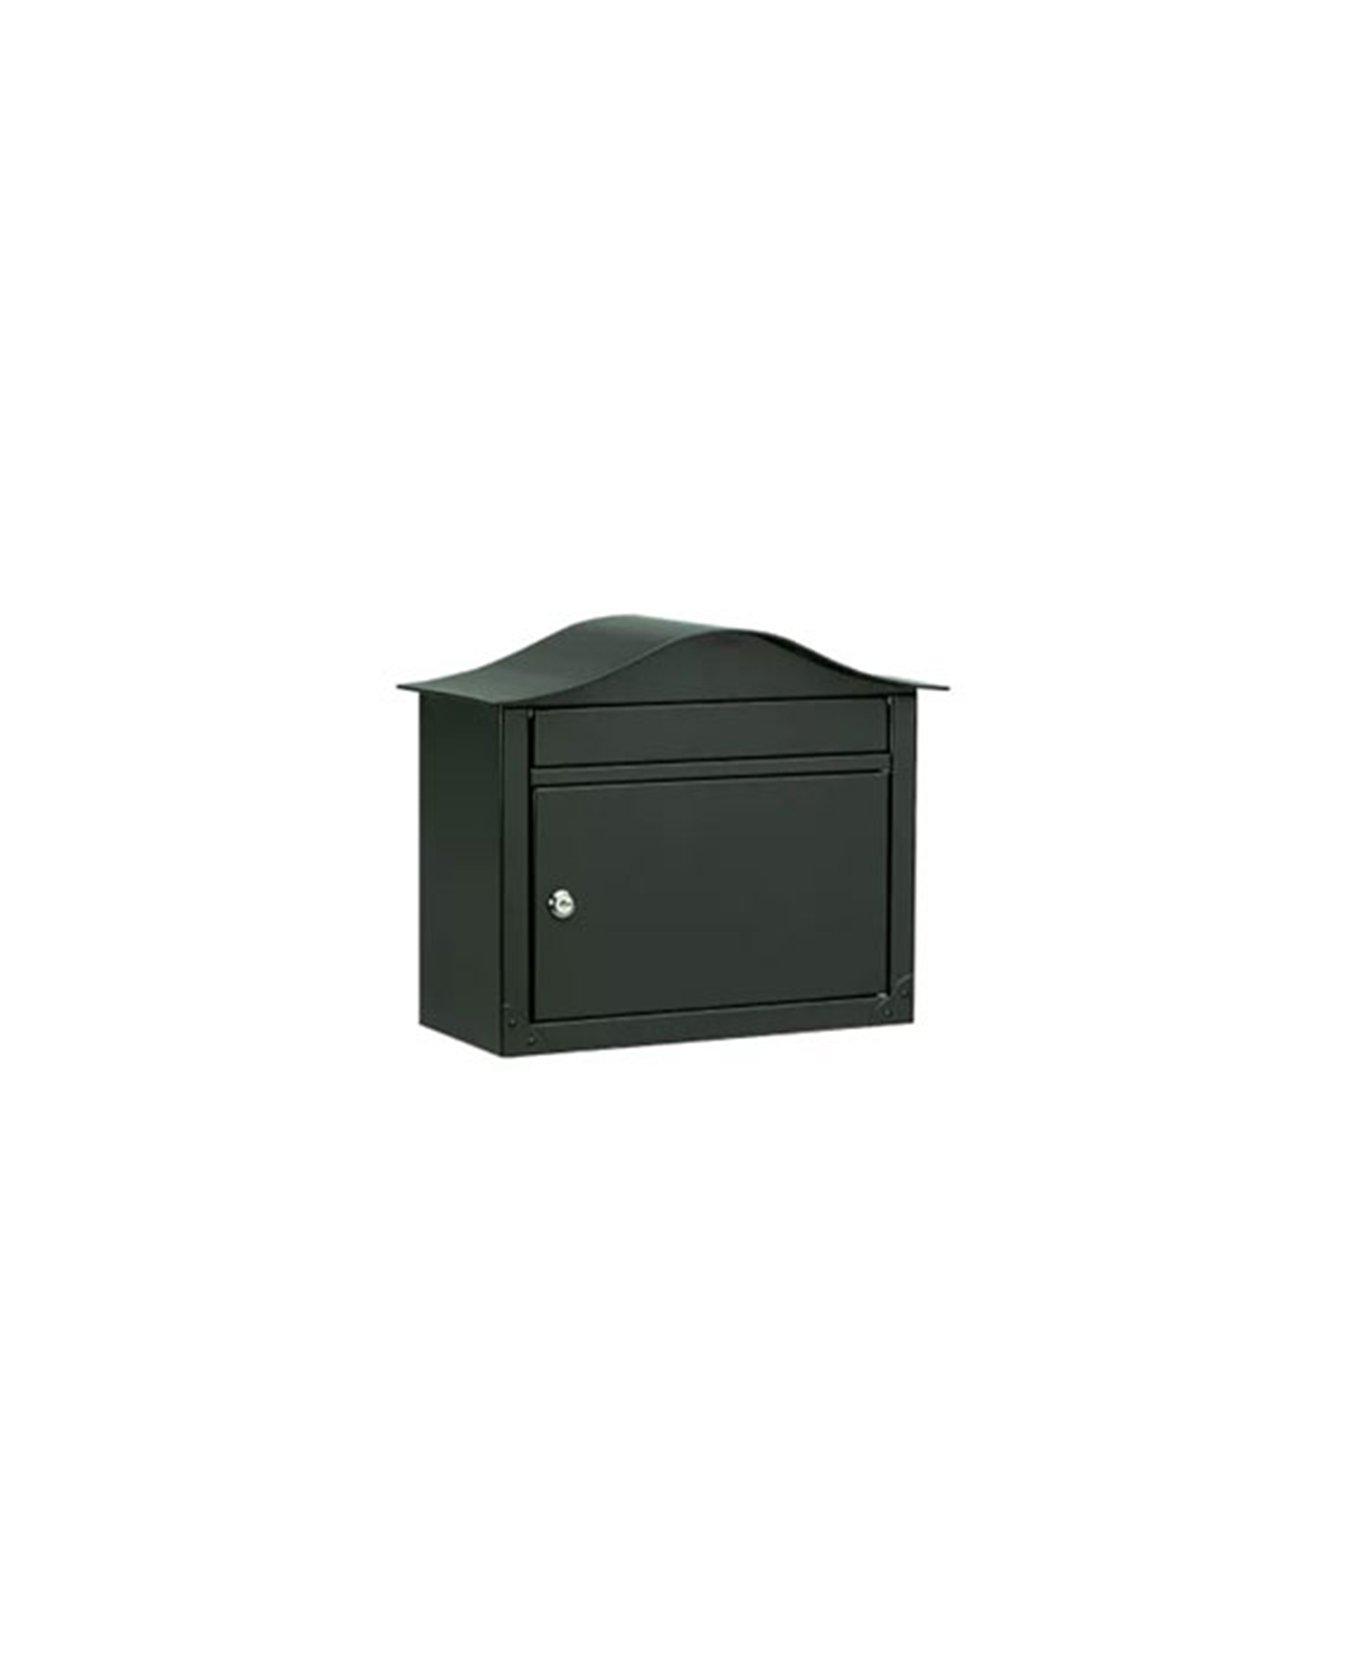 Locking Wall Mount Mailbox - Black